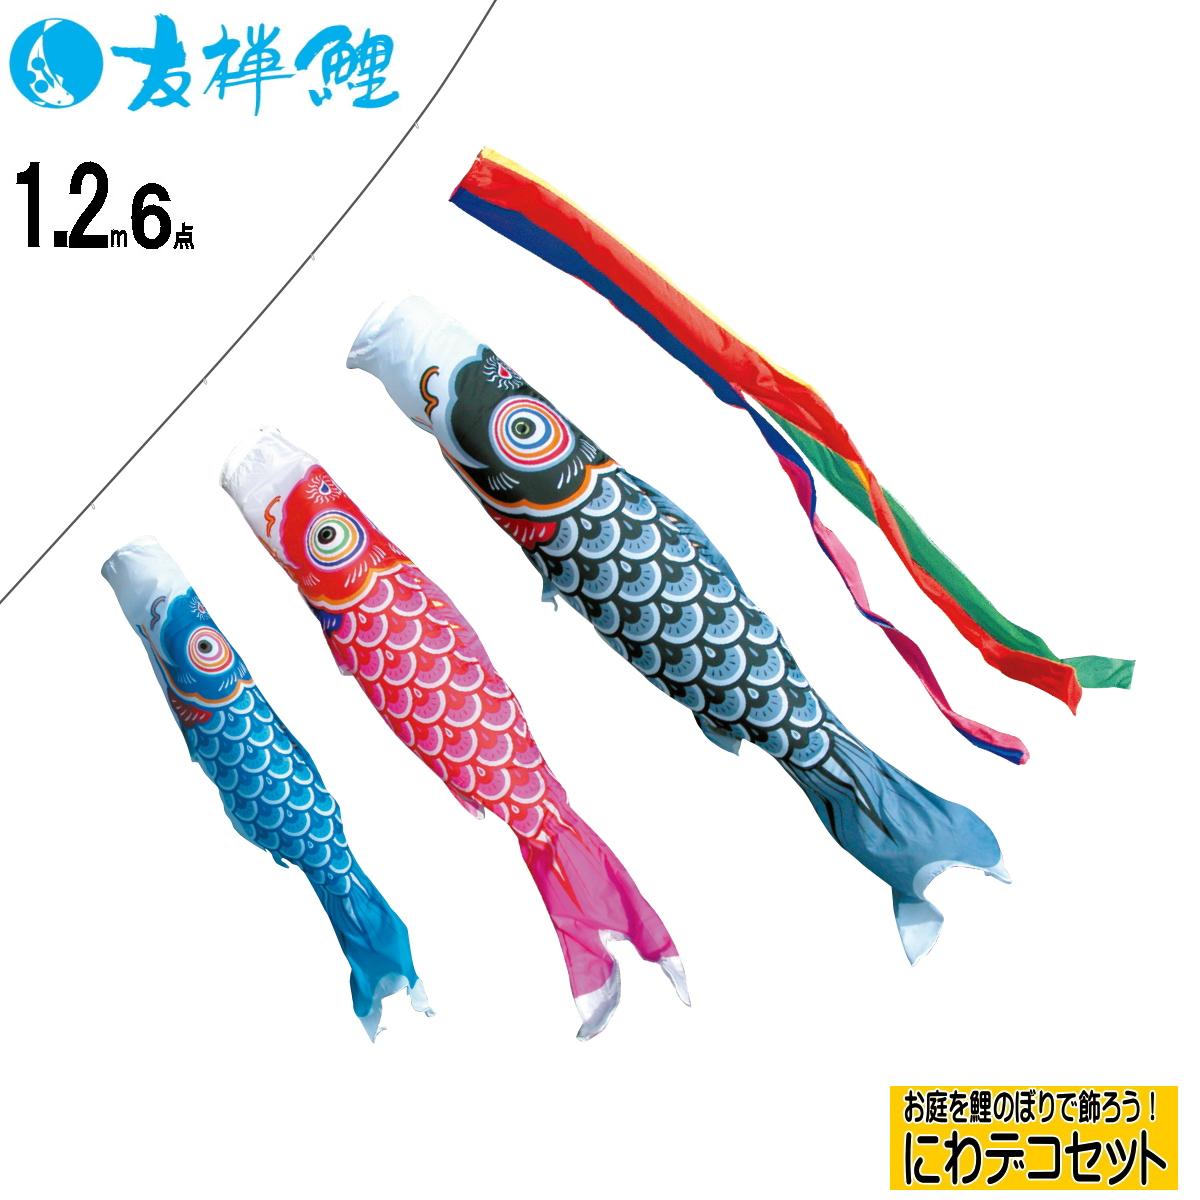 にわデコ 友禅 1.2m6点(鯉3匹)にわデコセット(ベランダ こいのぼり)(徳永鯉)鯉のぼり 鯉幟